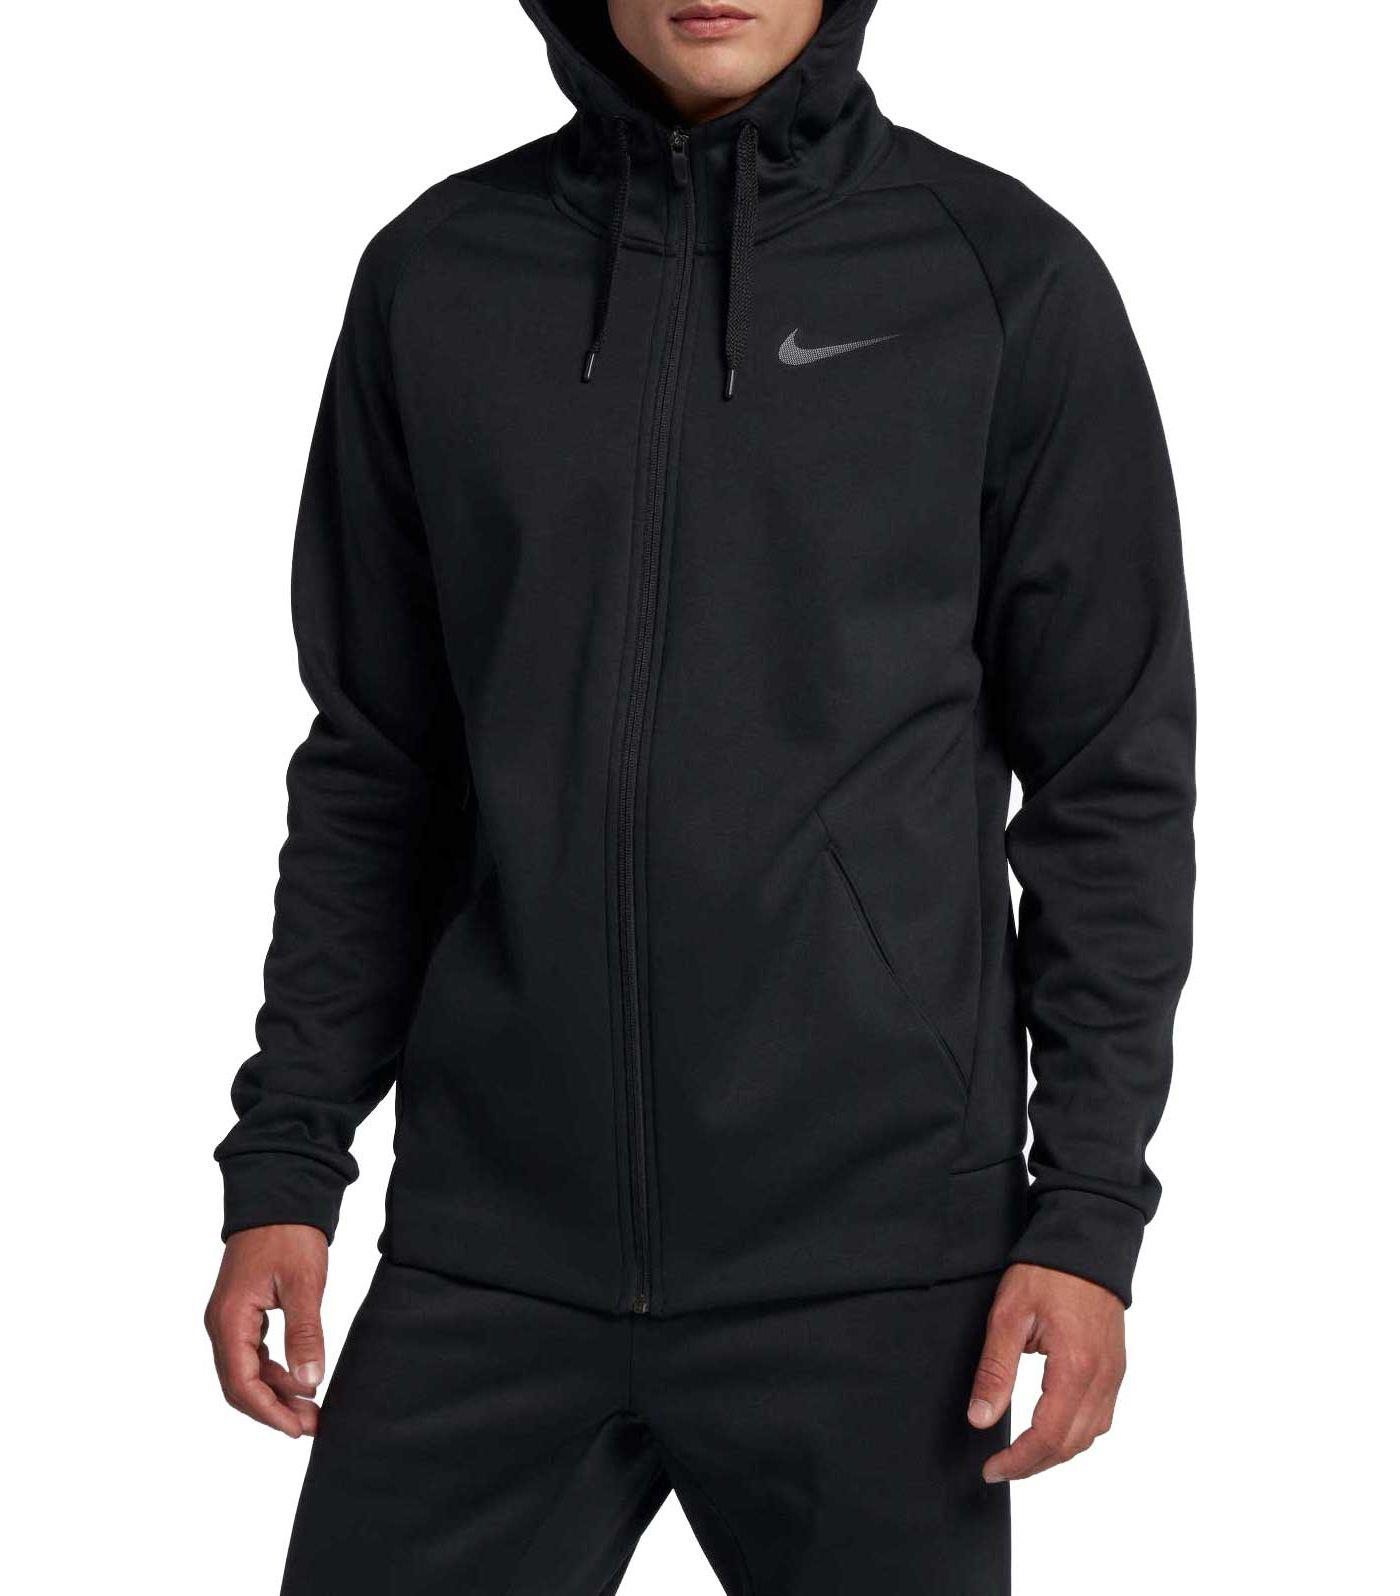 Nike Men's Therma Full Zip Hooded Jacket